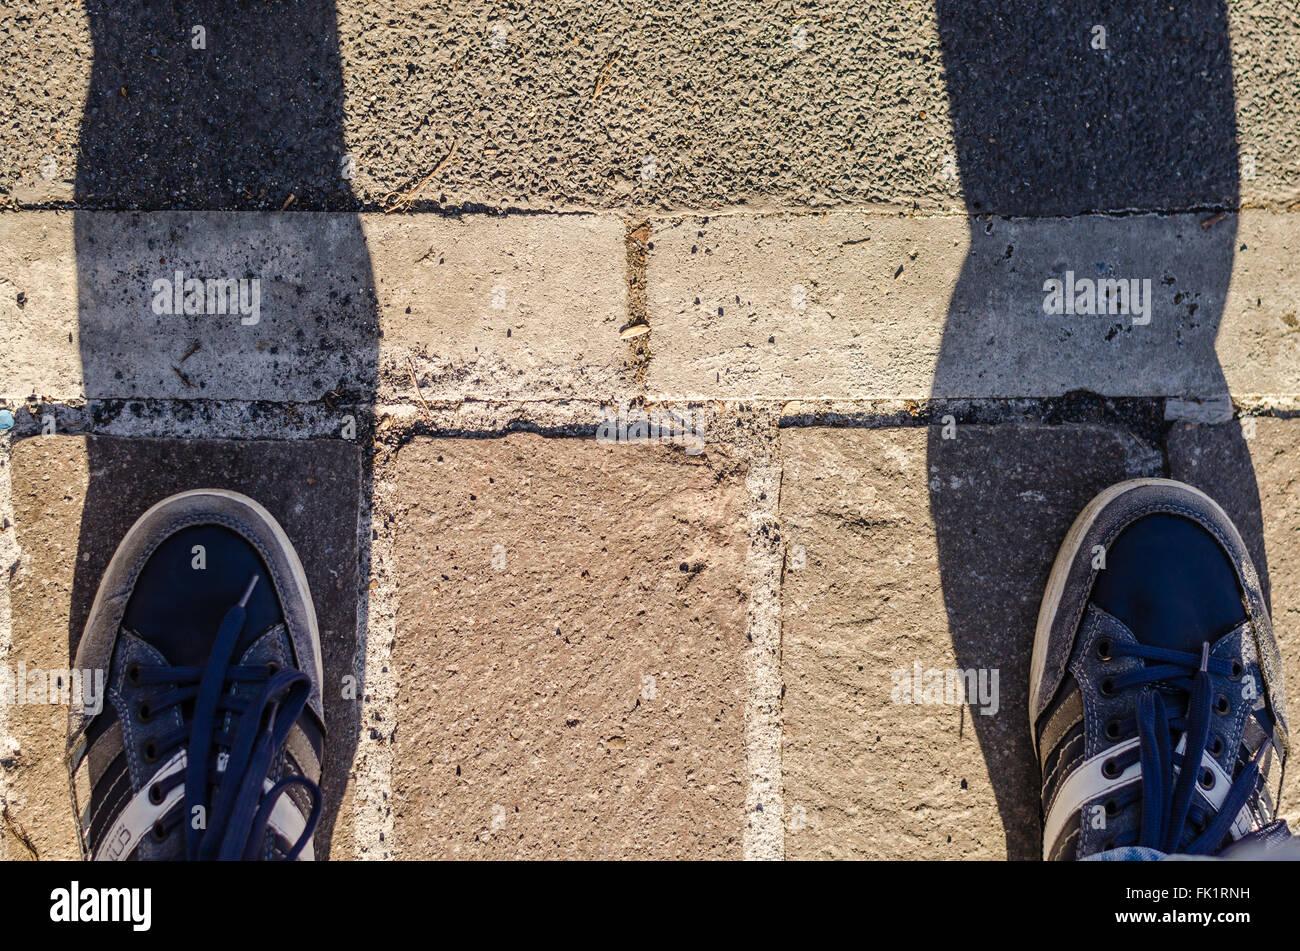 Estoy bloqueado, dos pies bloqueado antes de cruzar la línea. símbolo del miedo al cambio y a pasar adelante Imagen De Stock